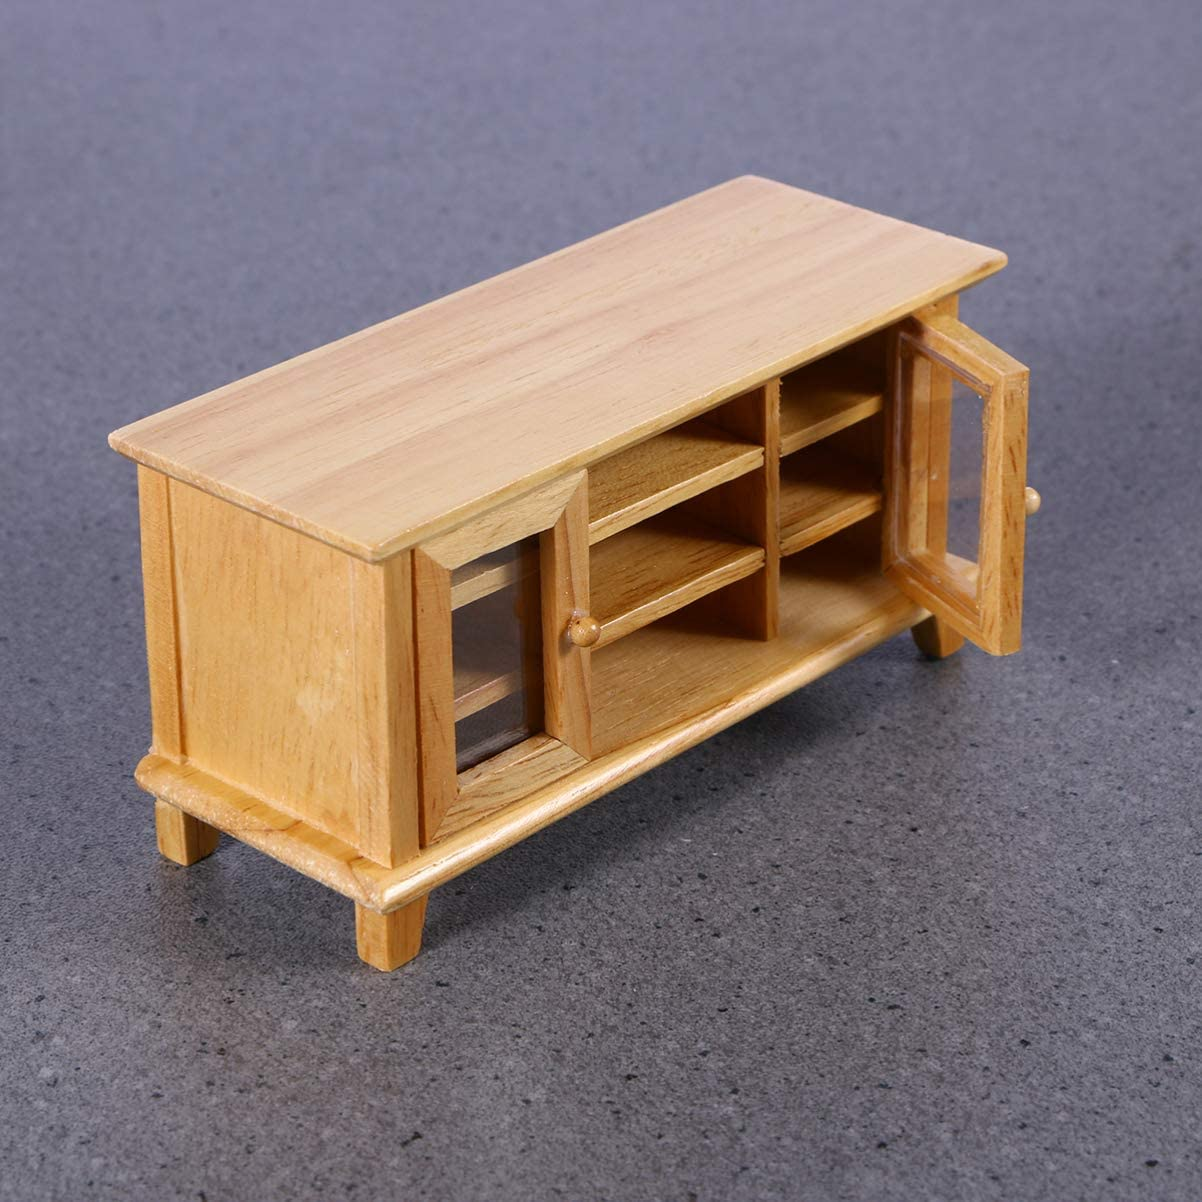 VOSAREA 1:12 Puppenhaus TV-Schrank Holz Miniatur Puppenhaus M/öbel Wohnzimmer Set Holz Make-Up Mini Haus M/öbel Zubeh/ör